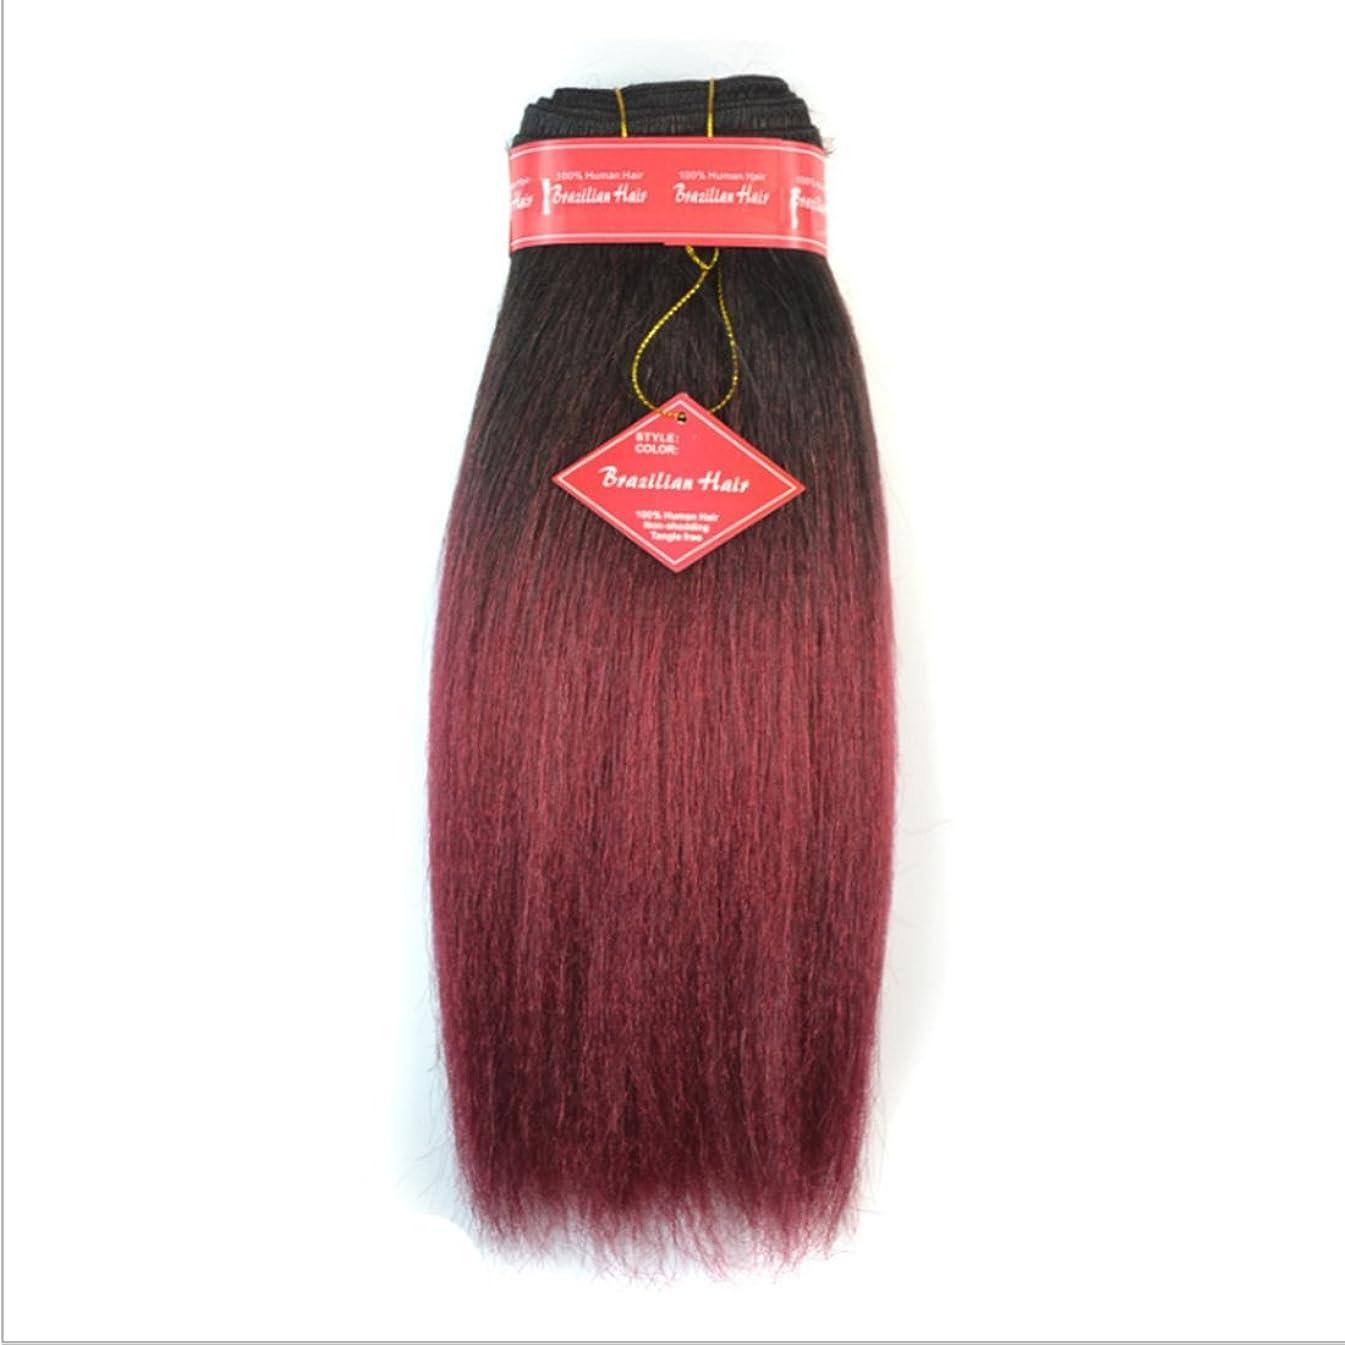 判定空気スロベニアDoyvanntgo リアルな髪のエクステンションのふわふわストレートウィッグ用の12インチストレートヘアカーテンはアフリカのブラックレディーまたはブラジルの女性のためのかつらを燃やさない(黒のグラデーションワインレッド、ダークブラウングラデーションライトブラウン) (Color : Black gradient burgundy)